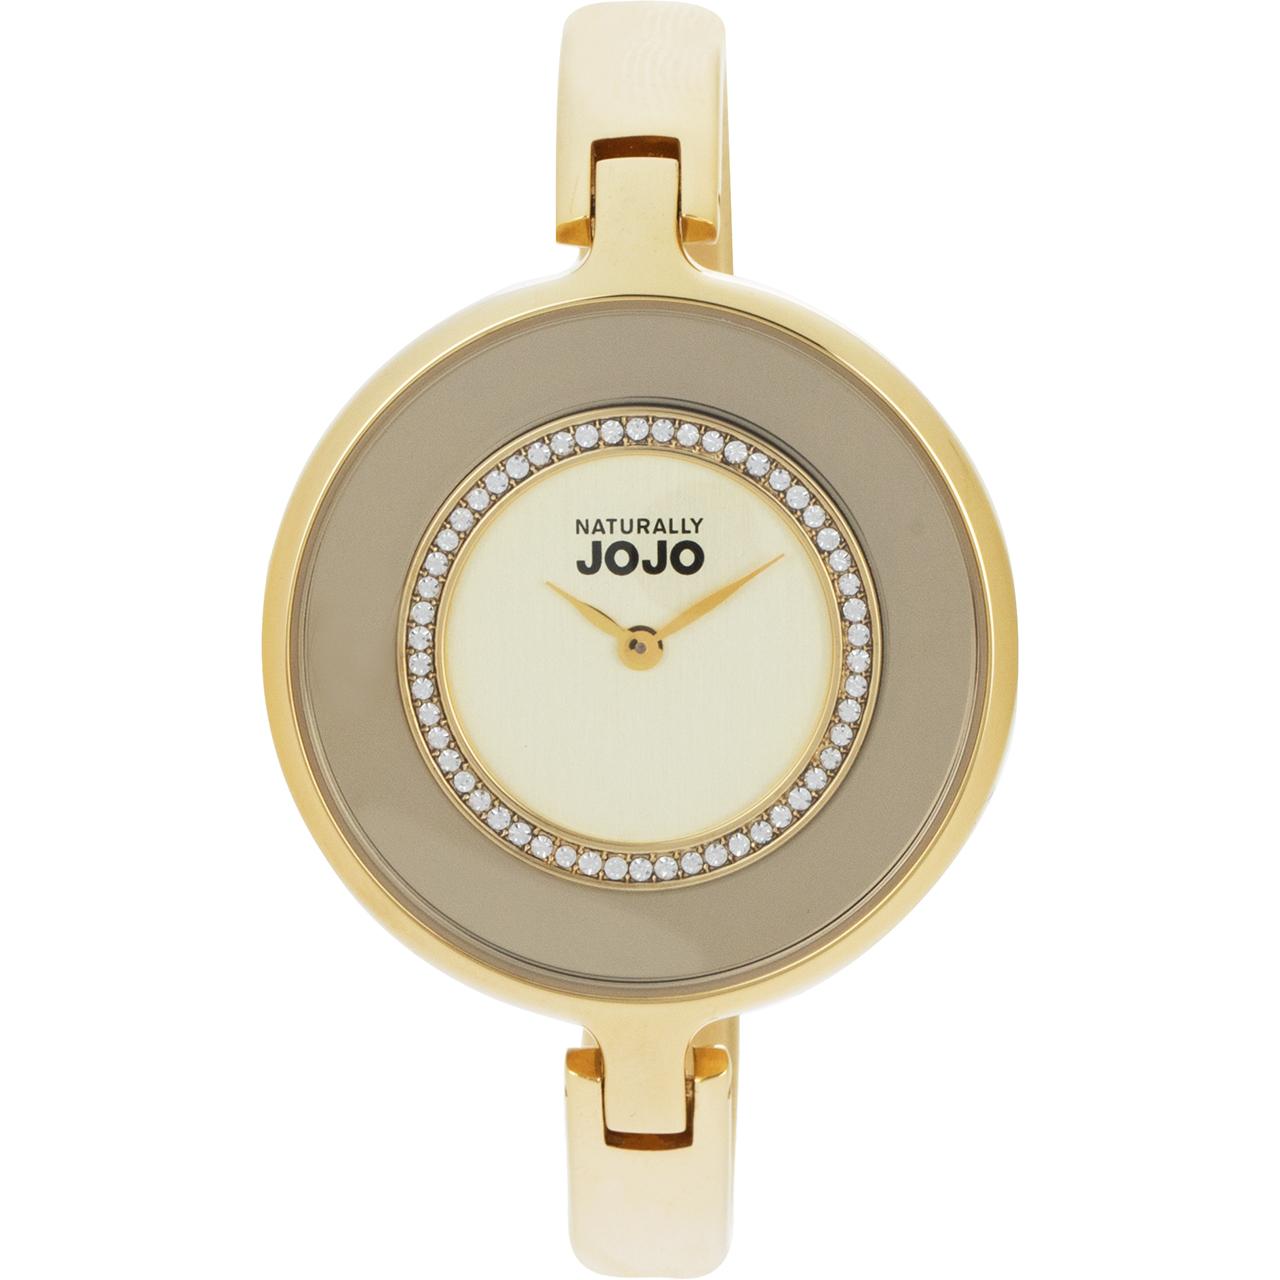 ساعت مچی عقربه ای زنانه نچرالی ژوژو مدل JO96678.GD